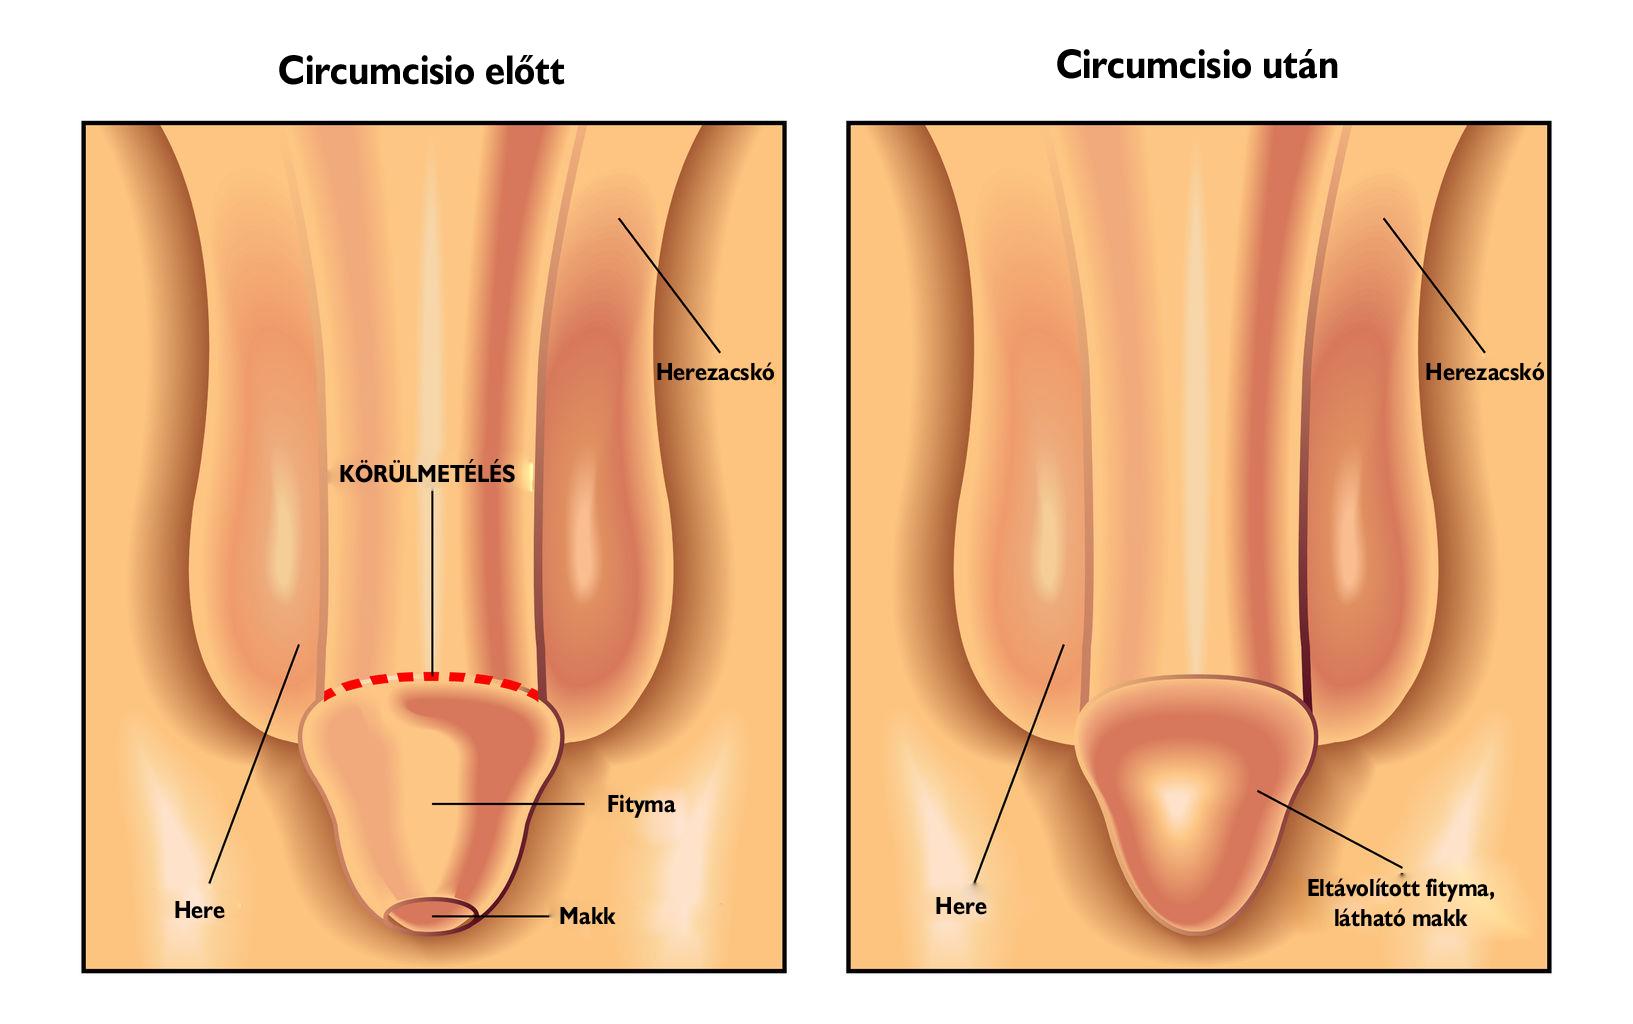 a pénisz és a herék felállítása